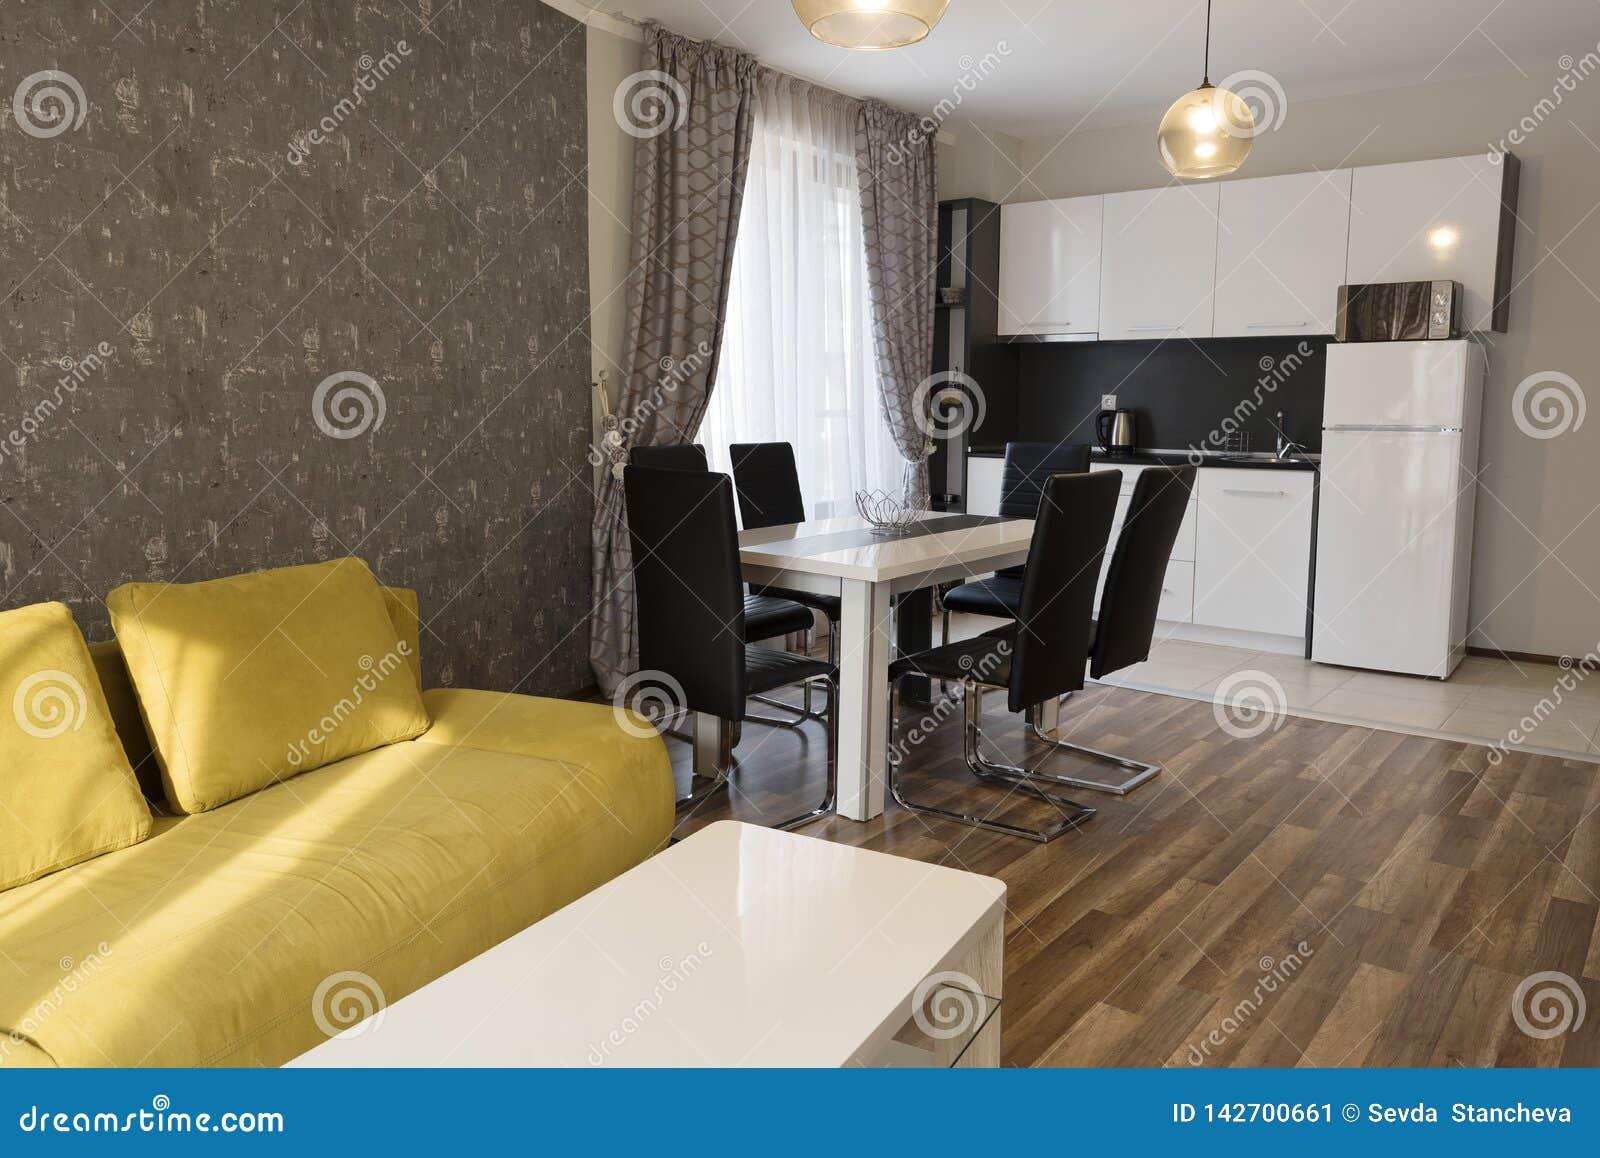 Nouveau Salon Moderne Maison Neuve Photographie Int?rieure ...